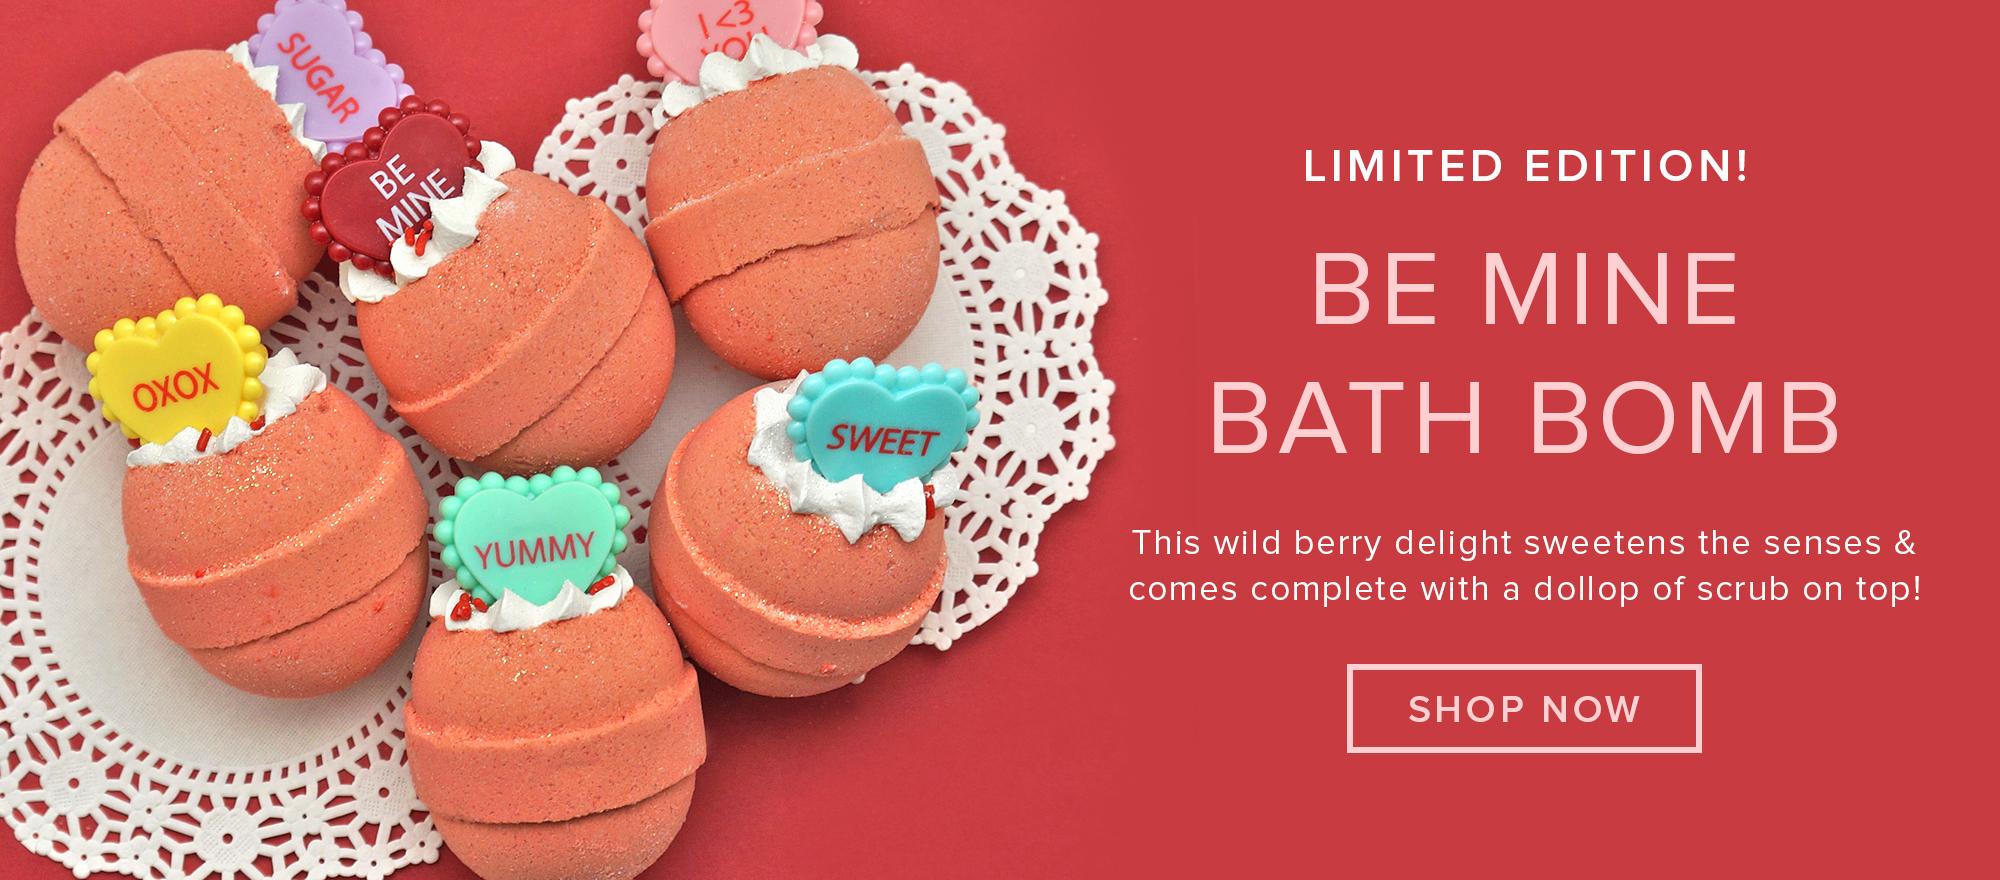 Be Mine Bath Bomb